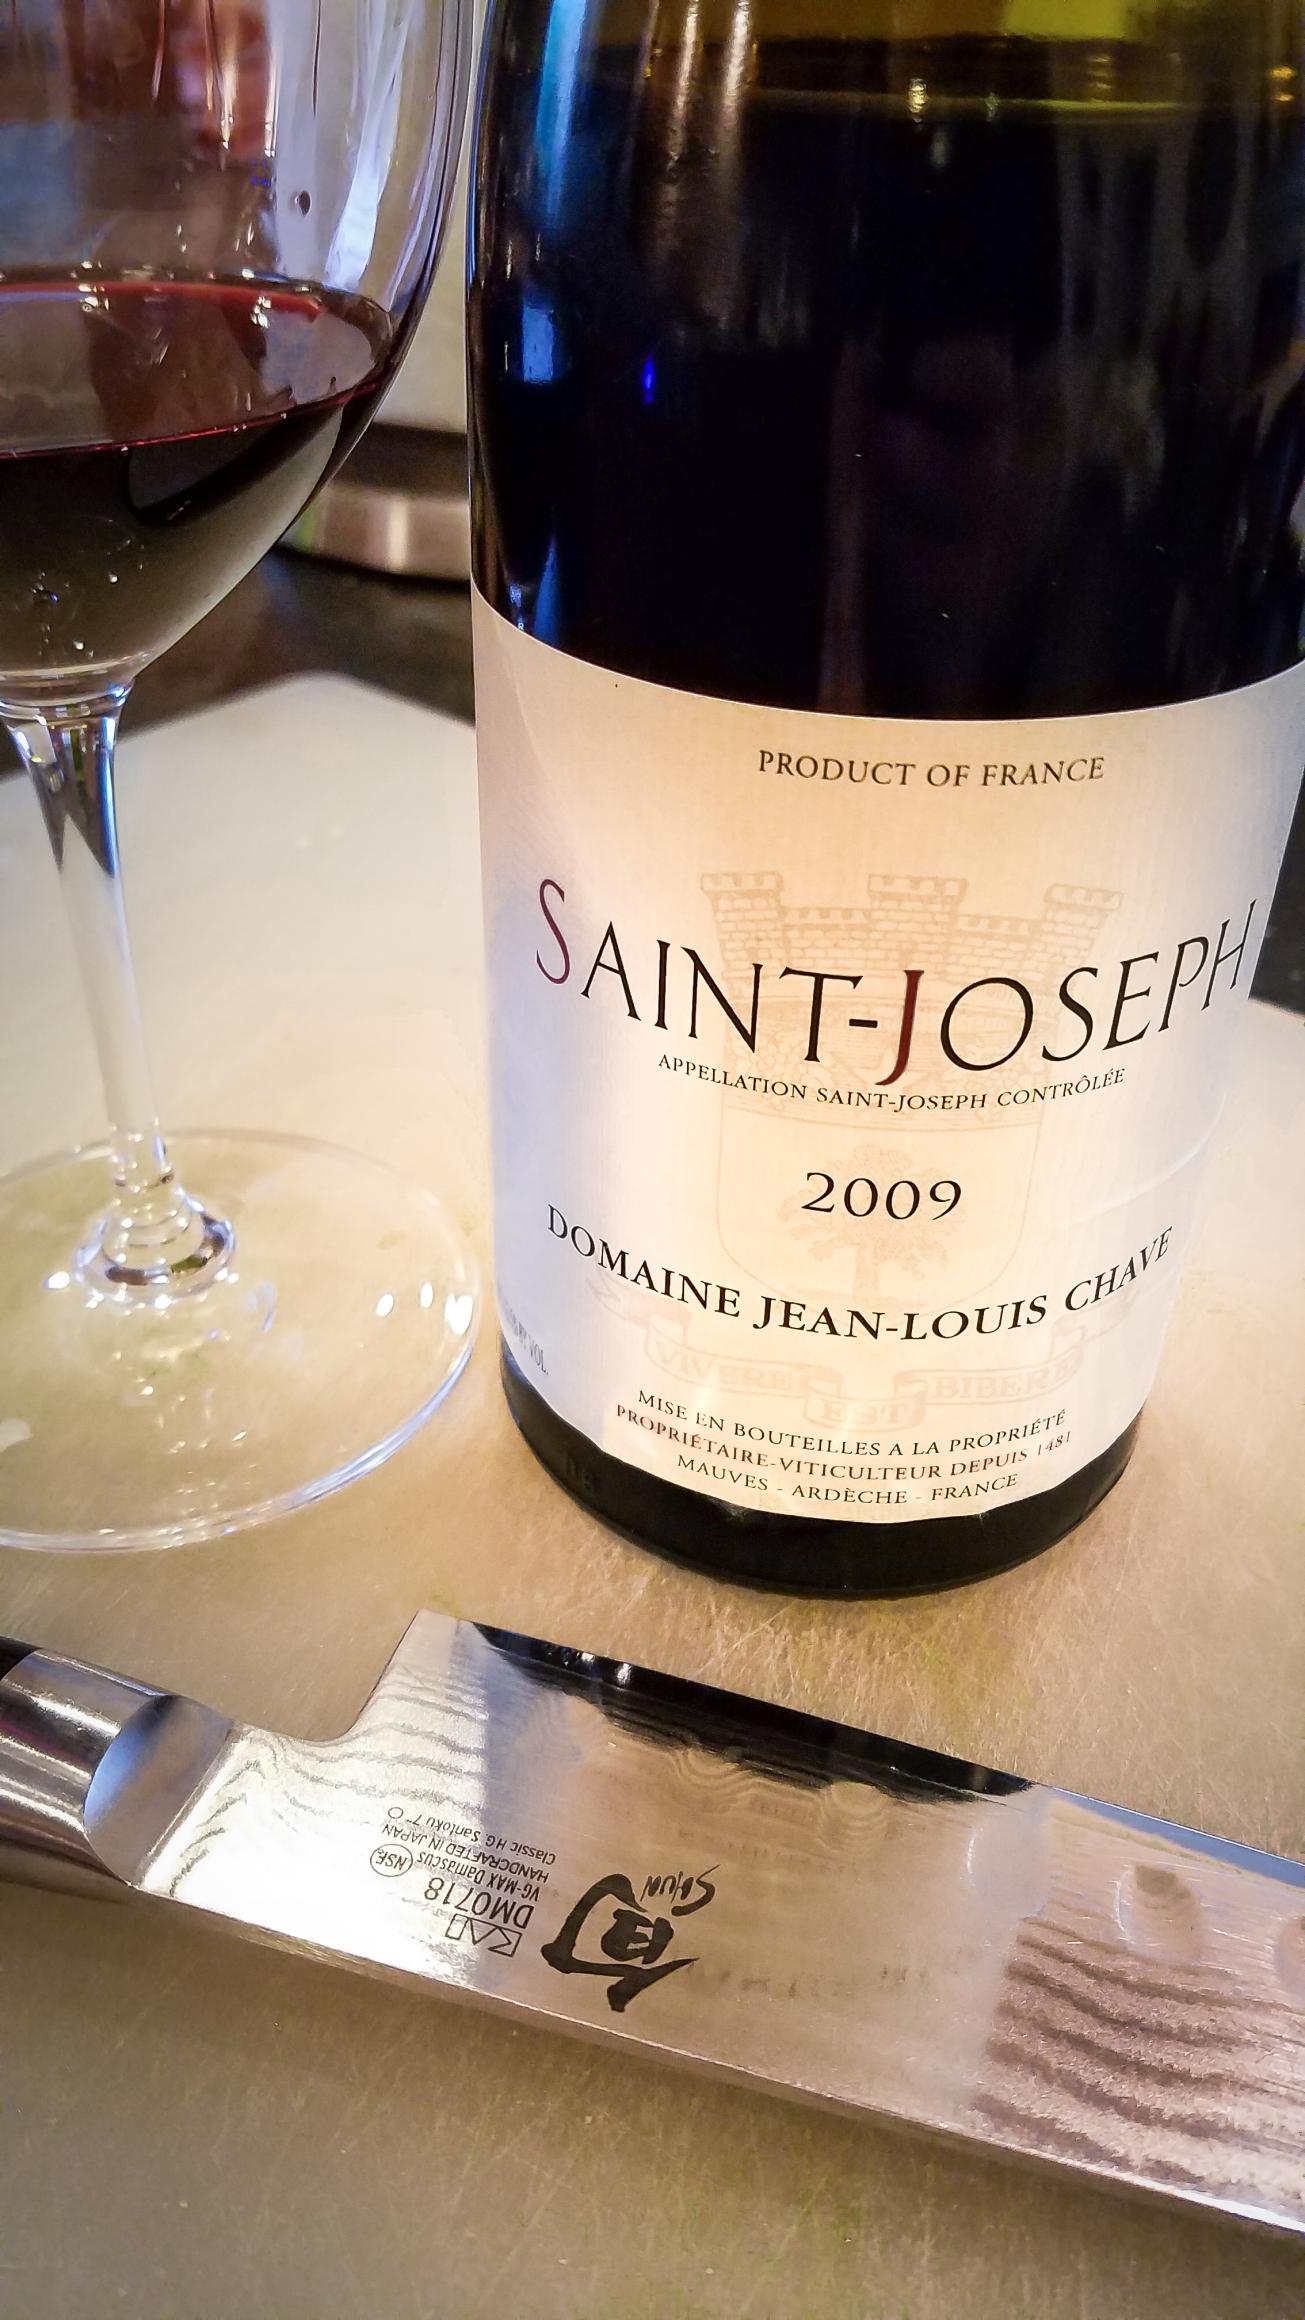 2009 Domaine Jean-Louis Chave St. Joseph